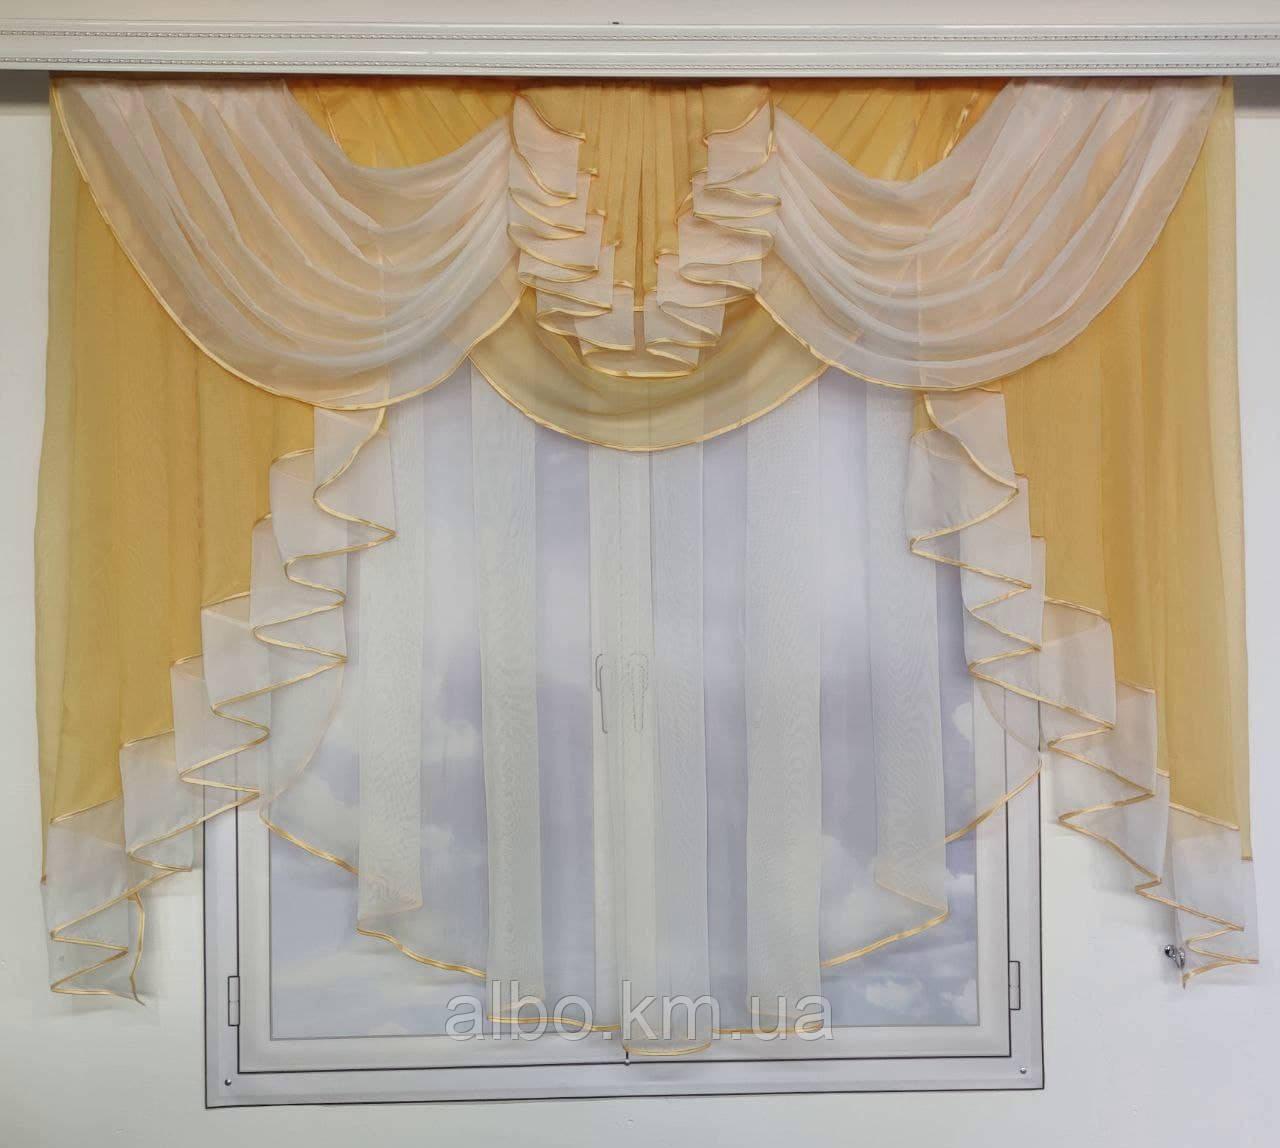 Готовый тюль из шифона для комнаты спальни кухни, шифоновый тюль для дома зала гостинной, тюль на окна в